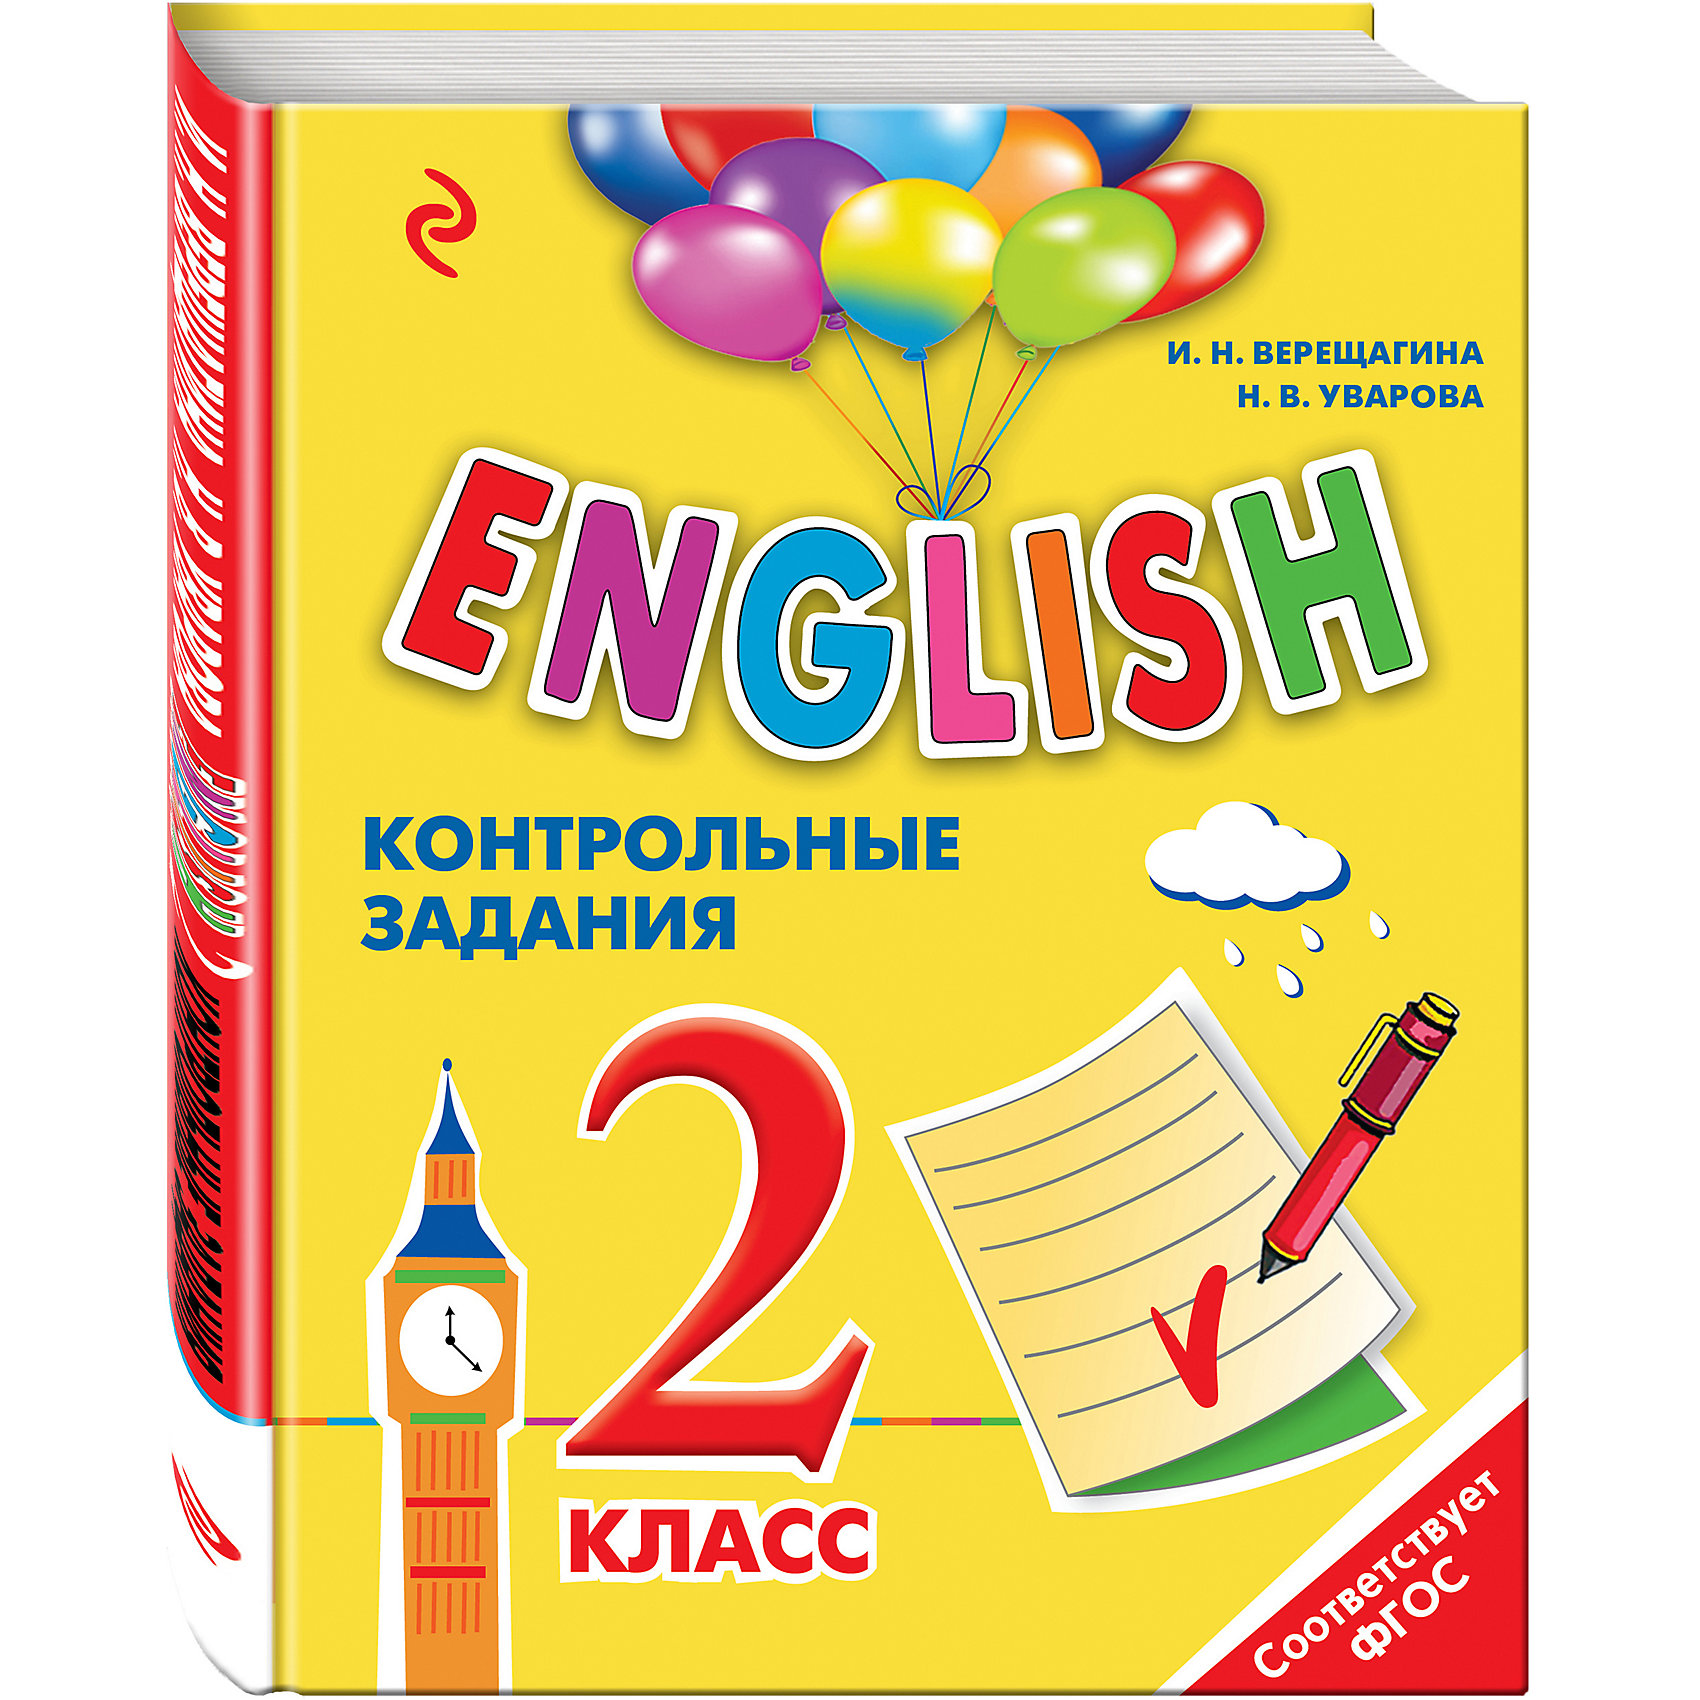 ENGLISH, 2 класс, контрольные задания + CDИностранный язык<br>Контрольные задания входят в состав учебно-методического комплекта по английскому языку и вместе с учебником, рабочей тетрадью, книгой для чтения и методическим пособием для взрослых представляют собой начальный курс английского языка для учащихся 2 класса общеобразовательных учреждений.<br>Контрольные задания специально подготовлены для объективного оценивания уровня развития коммуникативных навыков (аудирования, чтения, говорения и письма), а также для оценивания навыков фонетического и лексико-грамматического оформления речи. С их помощью можно осуществить промежуточный контроль усвоения фонетики, лексики и грамматических структур, а также итоговый контроль всех языковых и речевых навыков в конце изучения учебных тем.<br>В конце книги на страницах 78-160 располагаются материалы для преподавателей: даны все тексты для аудирования, ключи-ответы ко всем заданиям, рекомендации по переводу набранных баллов в школьные отметки.<br>Книга предназначена для младших школьников, изучающих английский язык с учителем или репетитором, а также дома с родителями, и для преподавателей английского.<br><br>Ширина мм: 280<br>Глубина мм: 210<br>Высота мм: 10<br>Вес г: 395<br>Возраст от месяцев: 72<br>Возраст до месяцев: 96<br>Пол: Унисекс<br>Возраст: Детский<br>SKU: 6878175